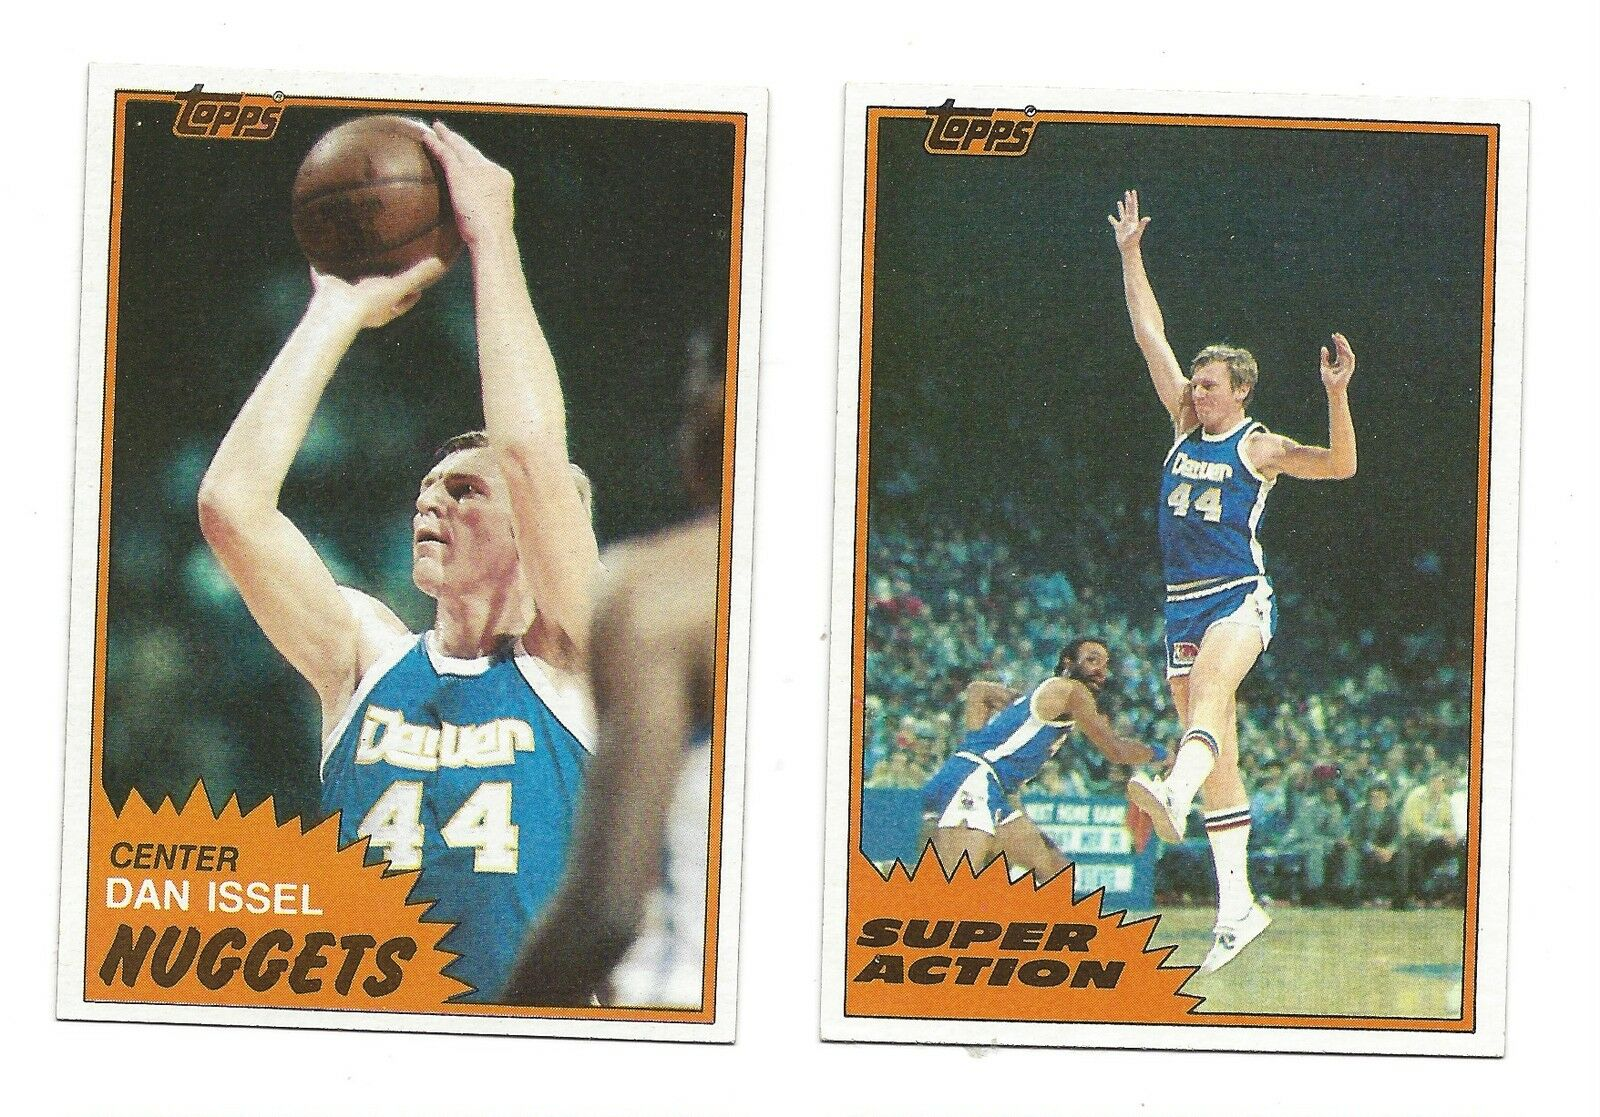 1981 Topps Dan Issel 11 Basketball Card